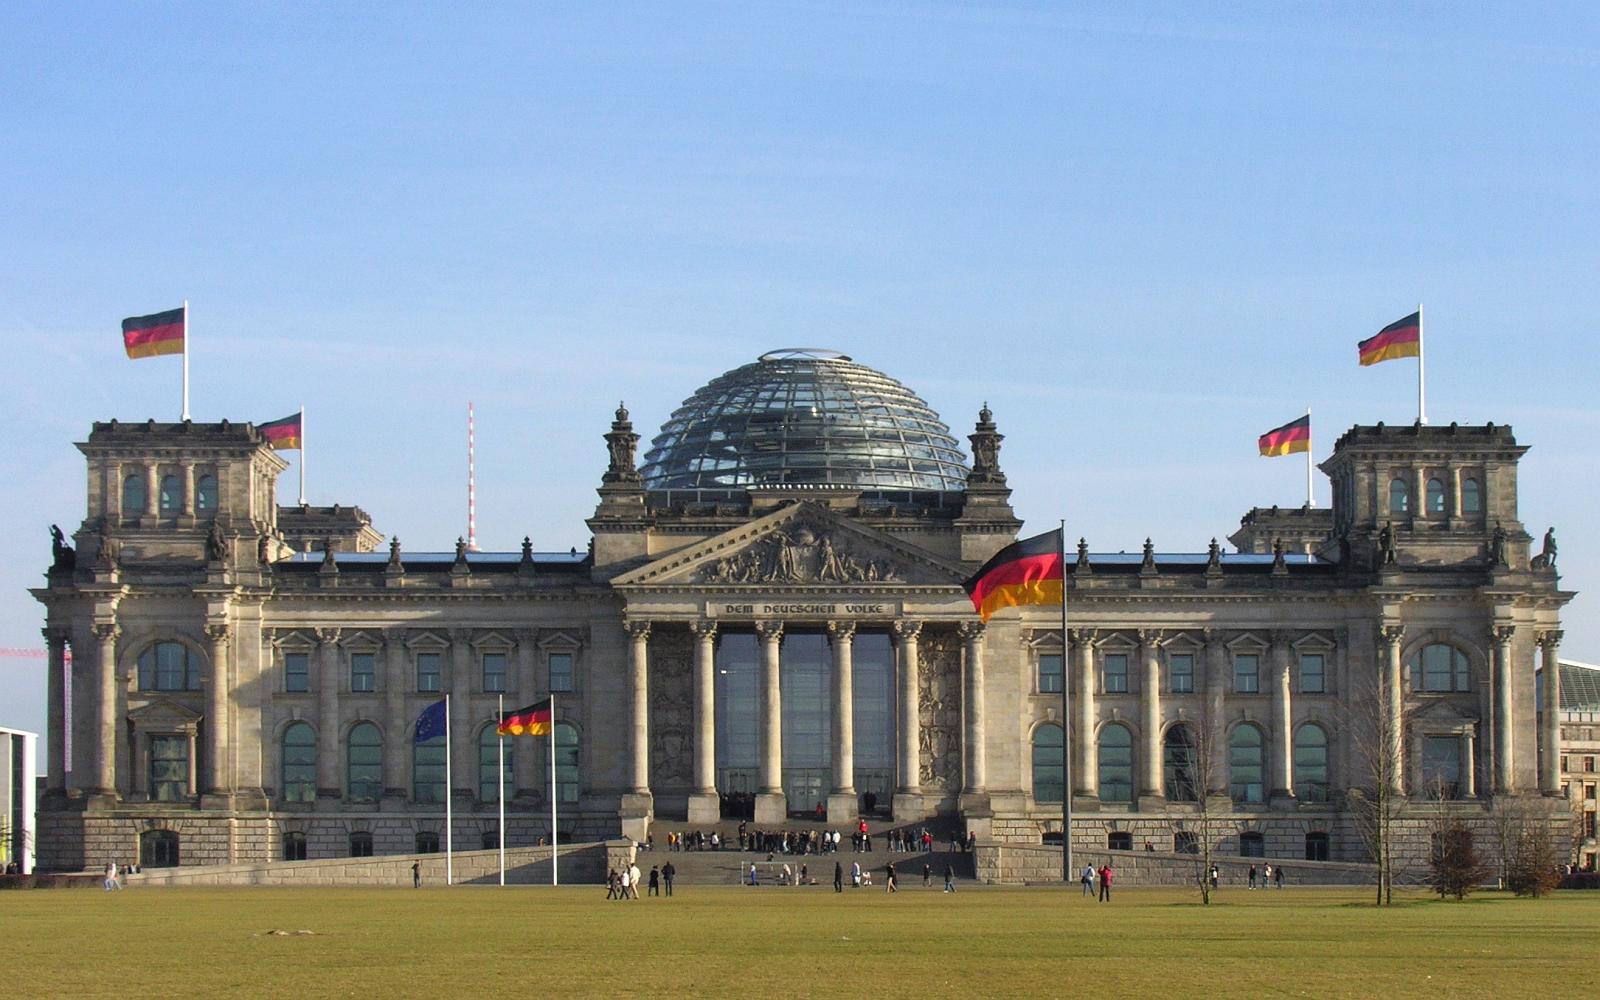 Bildergebnis für Wikimedia Commons Bilder Bundestag